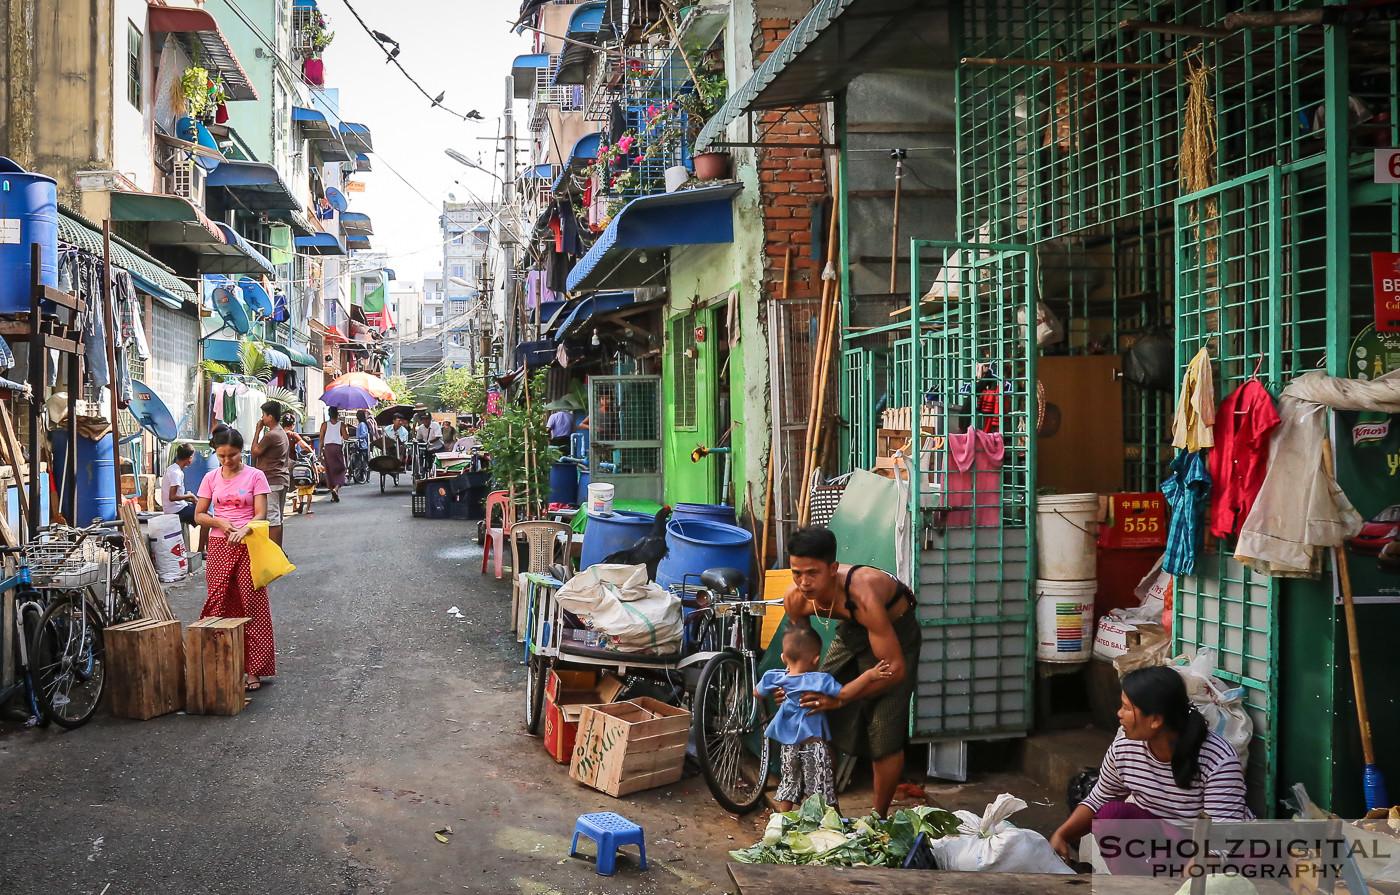 Birma, Burma, ExplBirma, Burma, Exploring, Mandalay, Markt, Myanmar, Rangun Market, Travelling, Yangon, Southeast Asia, Asia, Asienoring, Mandalay, Markt, Myanmar, Rangun Market, Travelling, Yangon